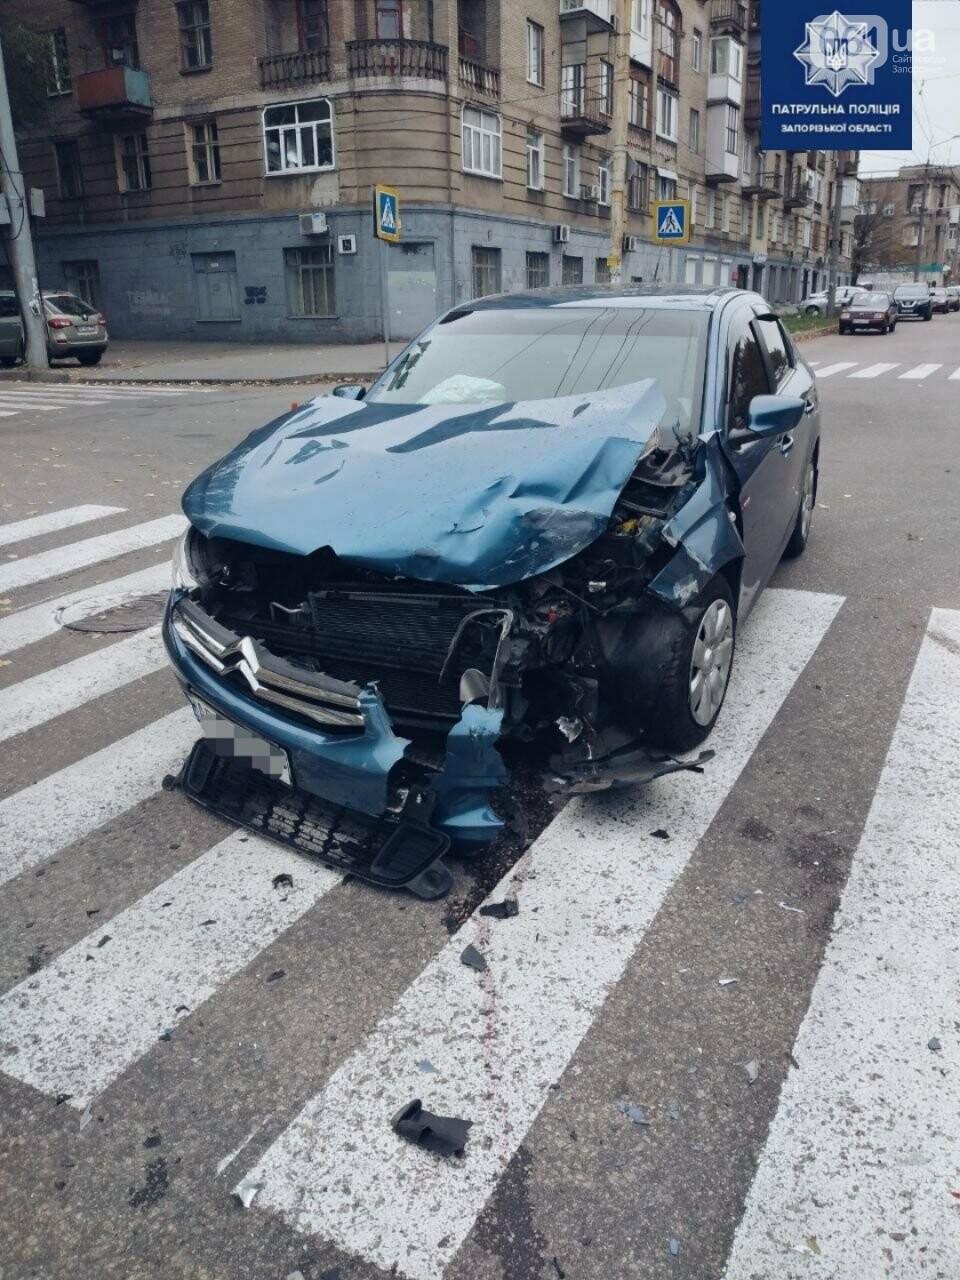 photo5301080793046692022 5fb2bd4c306c2 - В Запорожье водитель Citroen не пропустил на перекрестке маршрутку и врезался в нее, - ФОТО